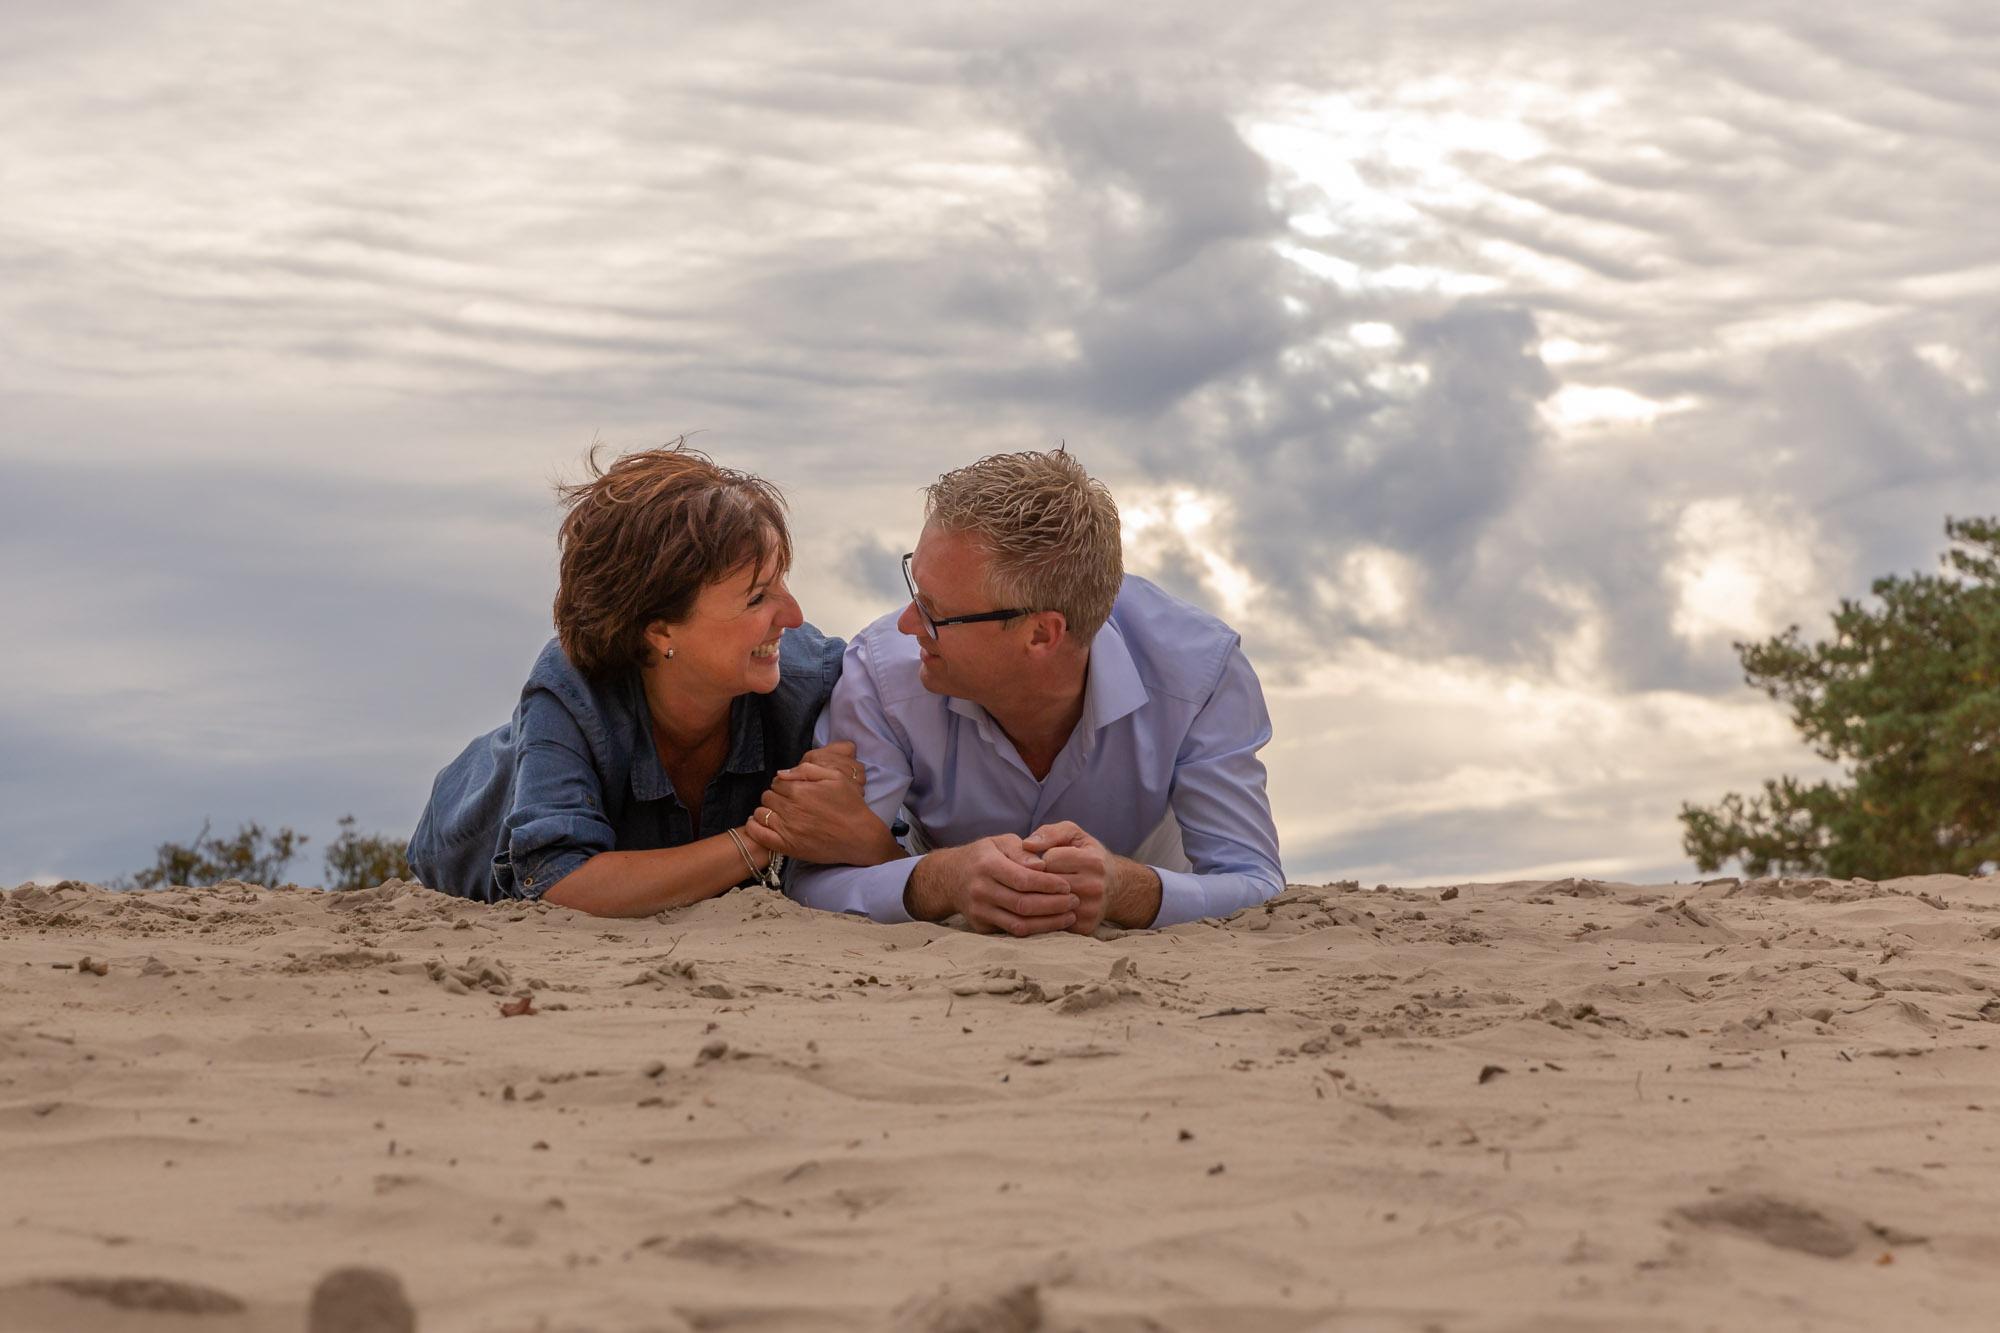 Loveshoot fotograaf in Amersfoort, Nijkerk, Hoevelaken en omgeving. Koppel fotoshoot door Mayra Fotografie. Fotoshoot Soesterduinen